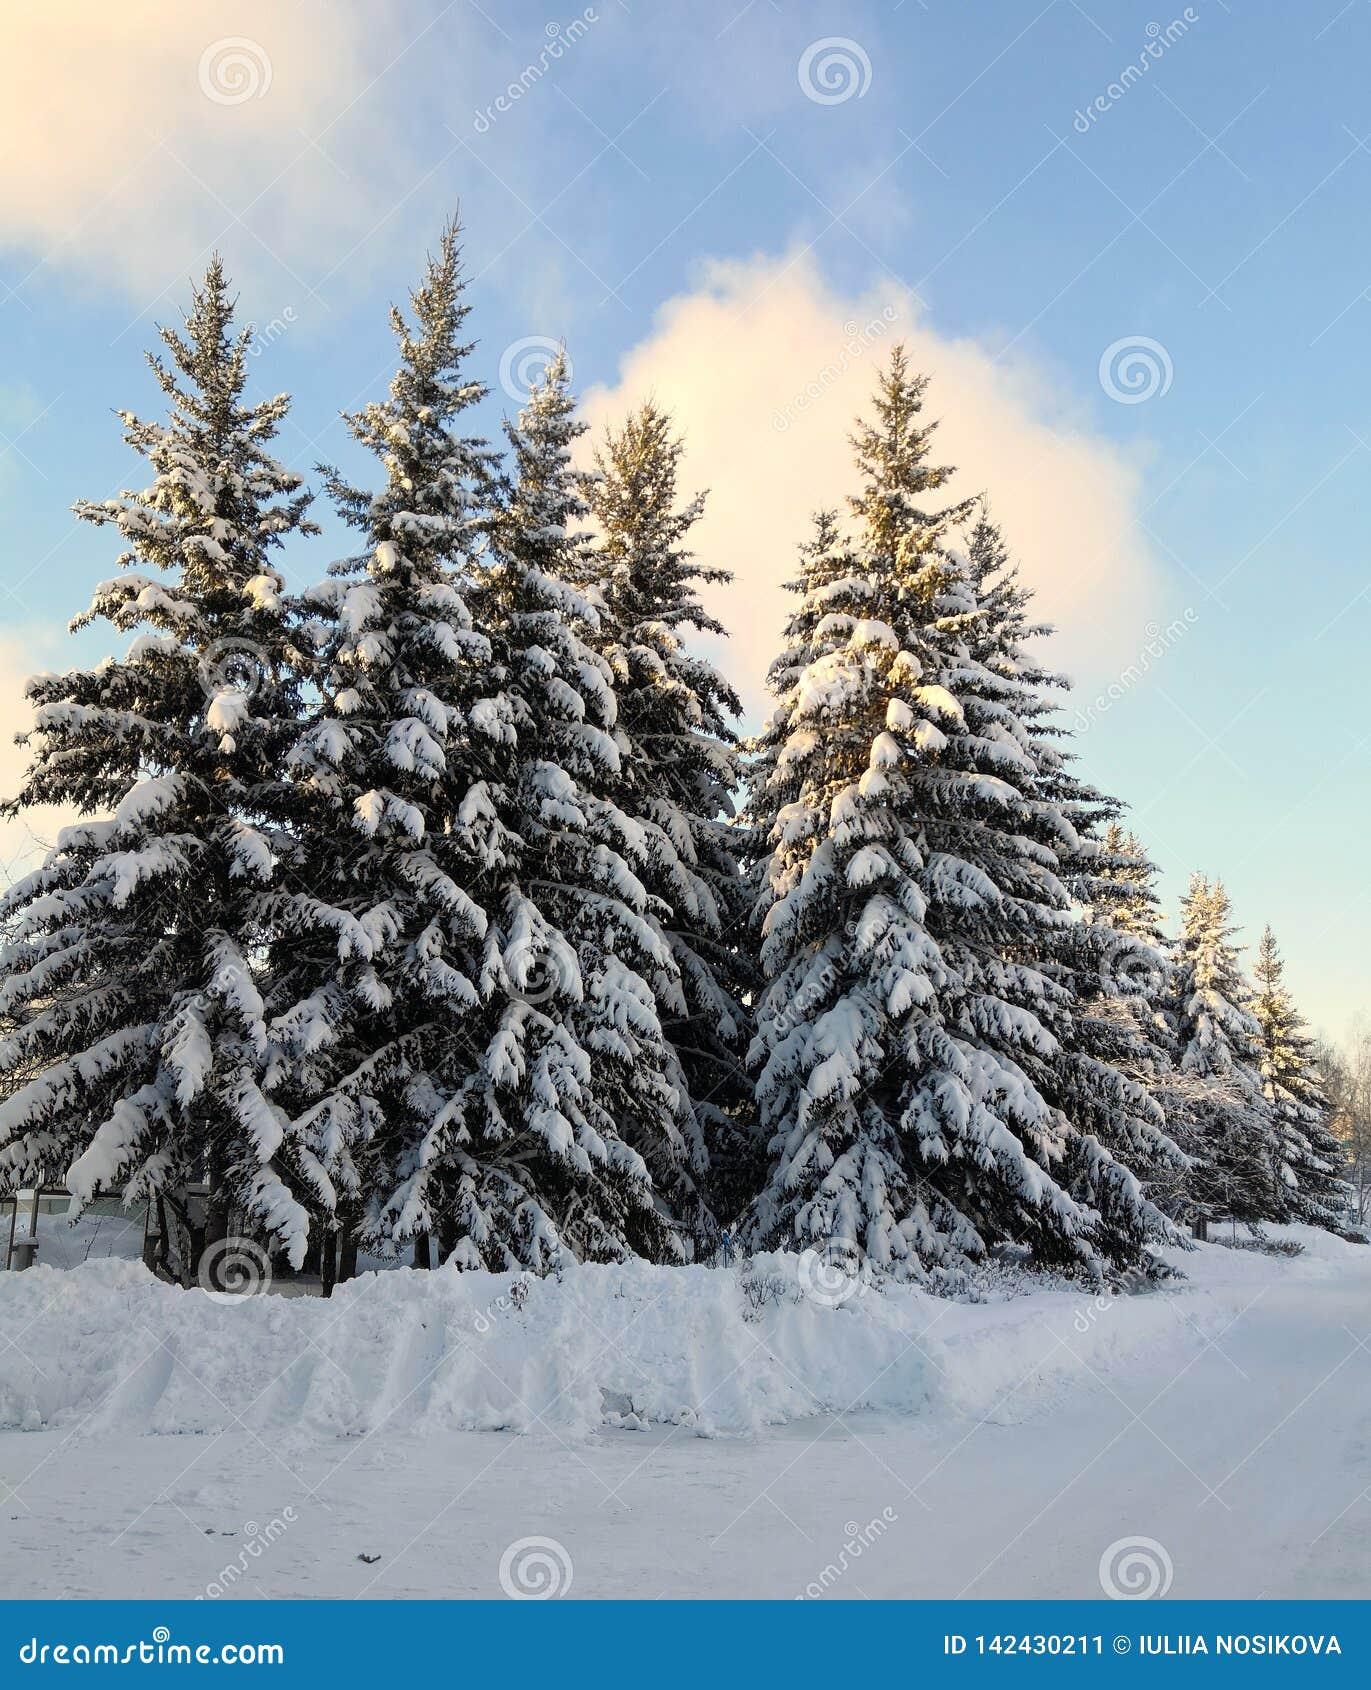 Ρωσικός χειμώνας - όμορφα δέντρα έλατου στο χιόνι